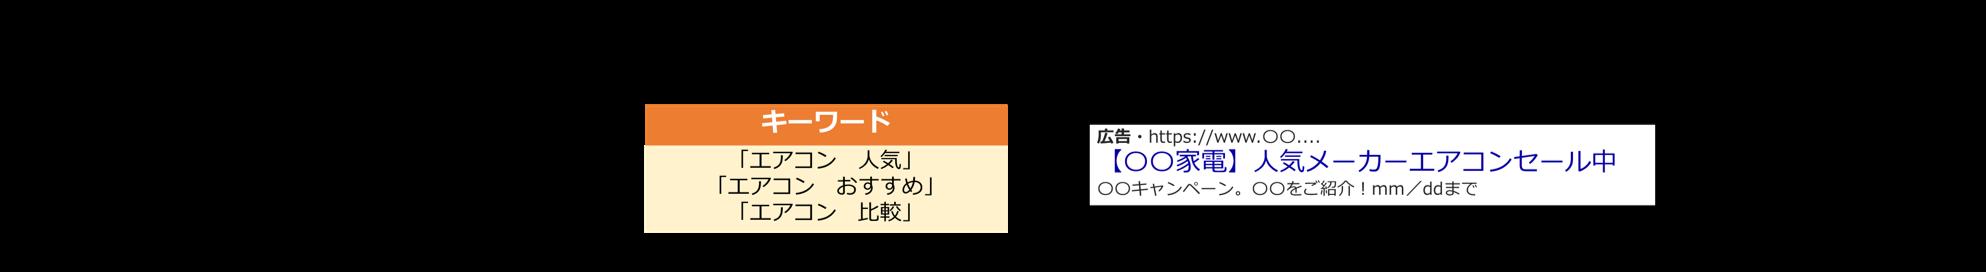 関連性の例